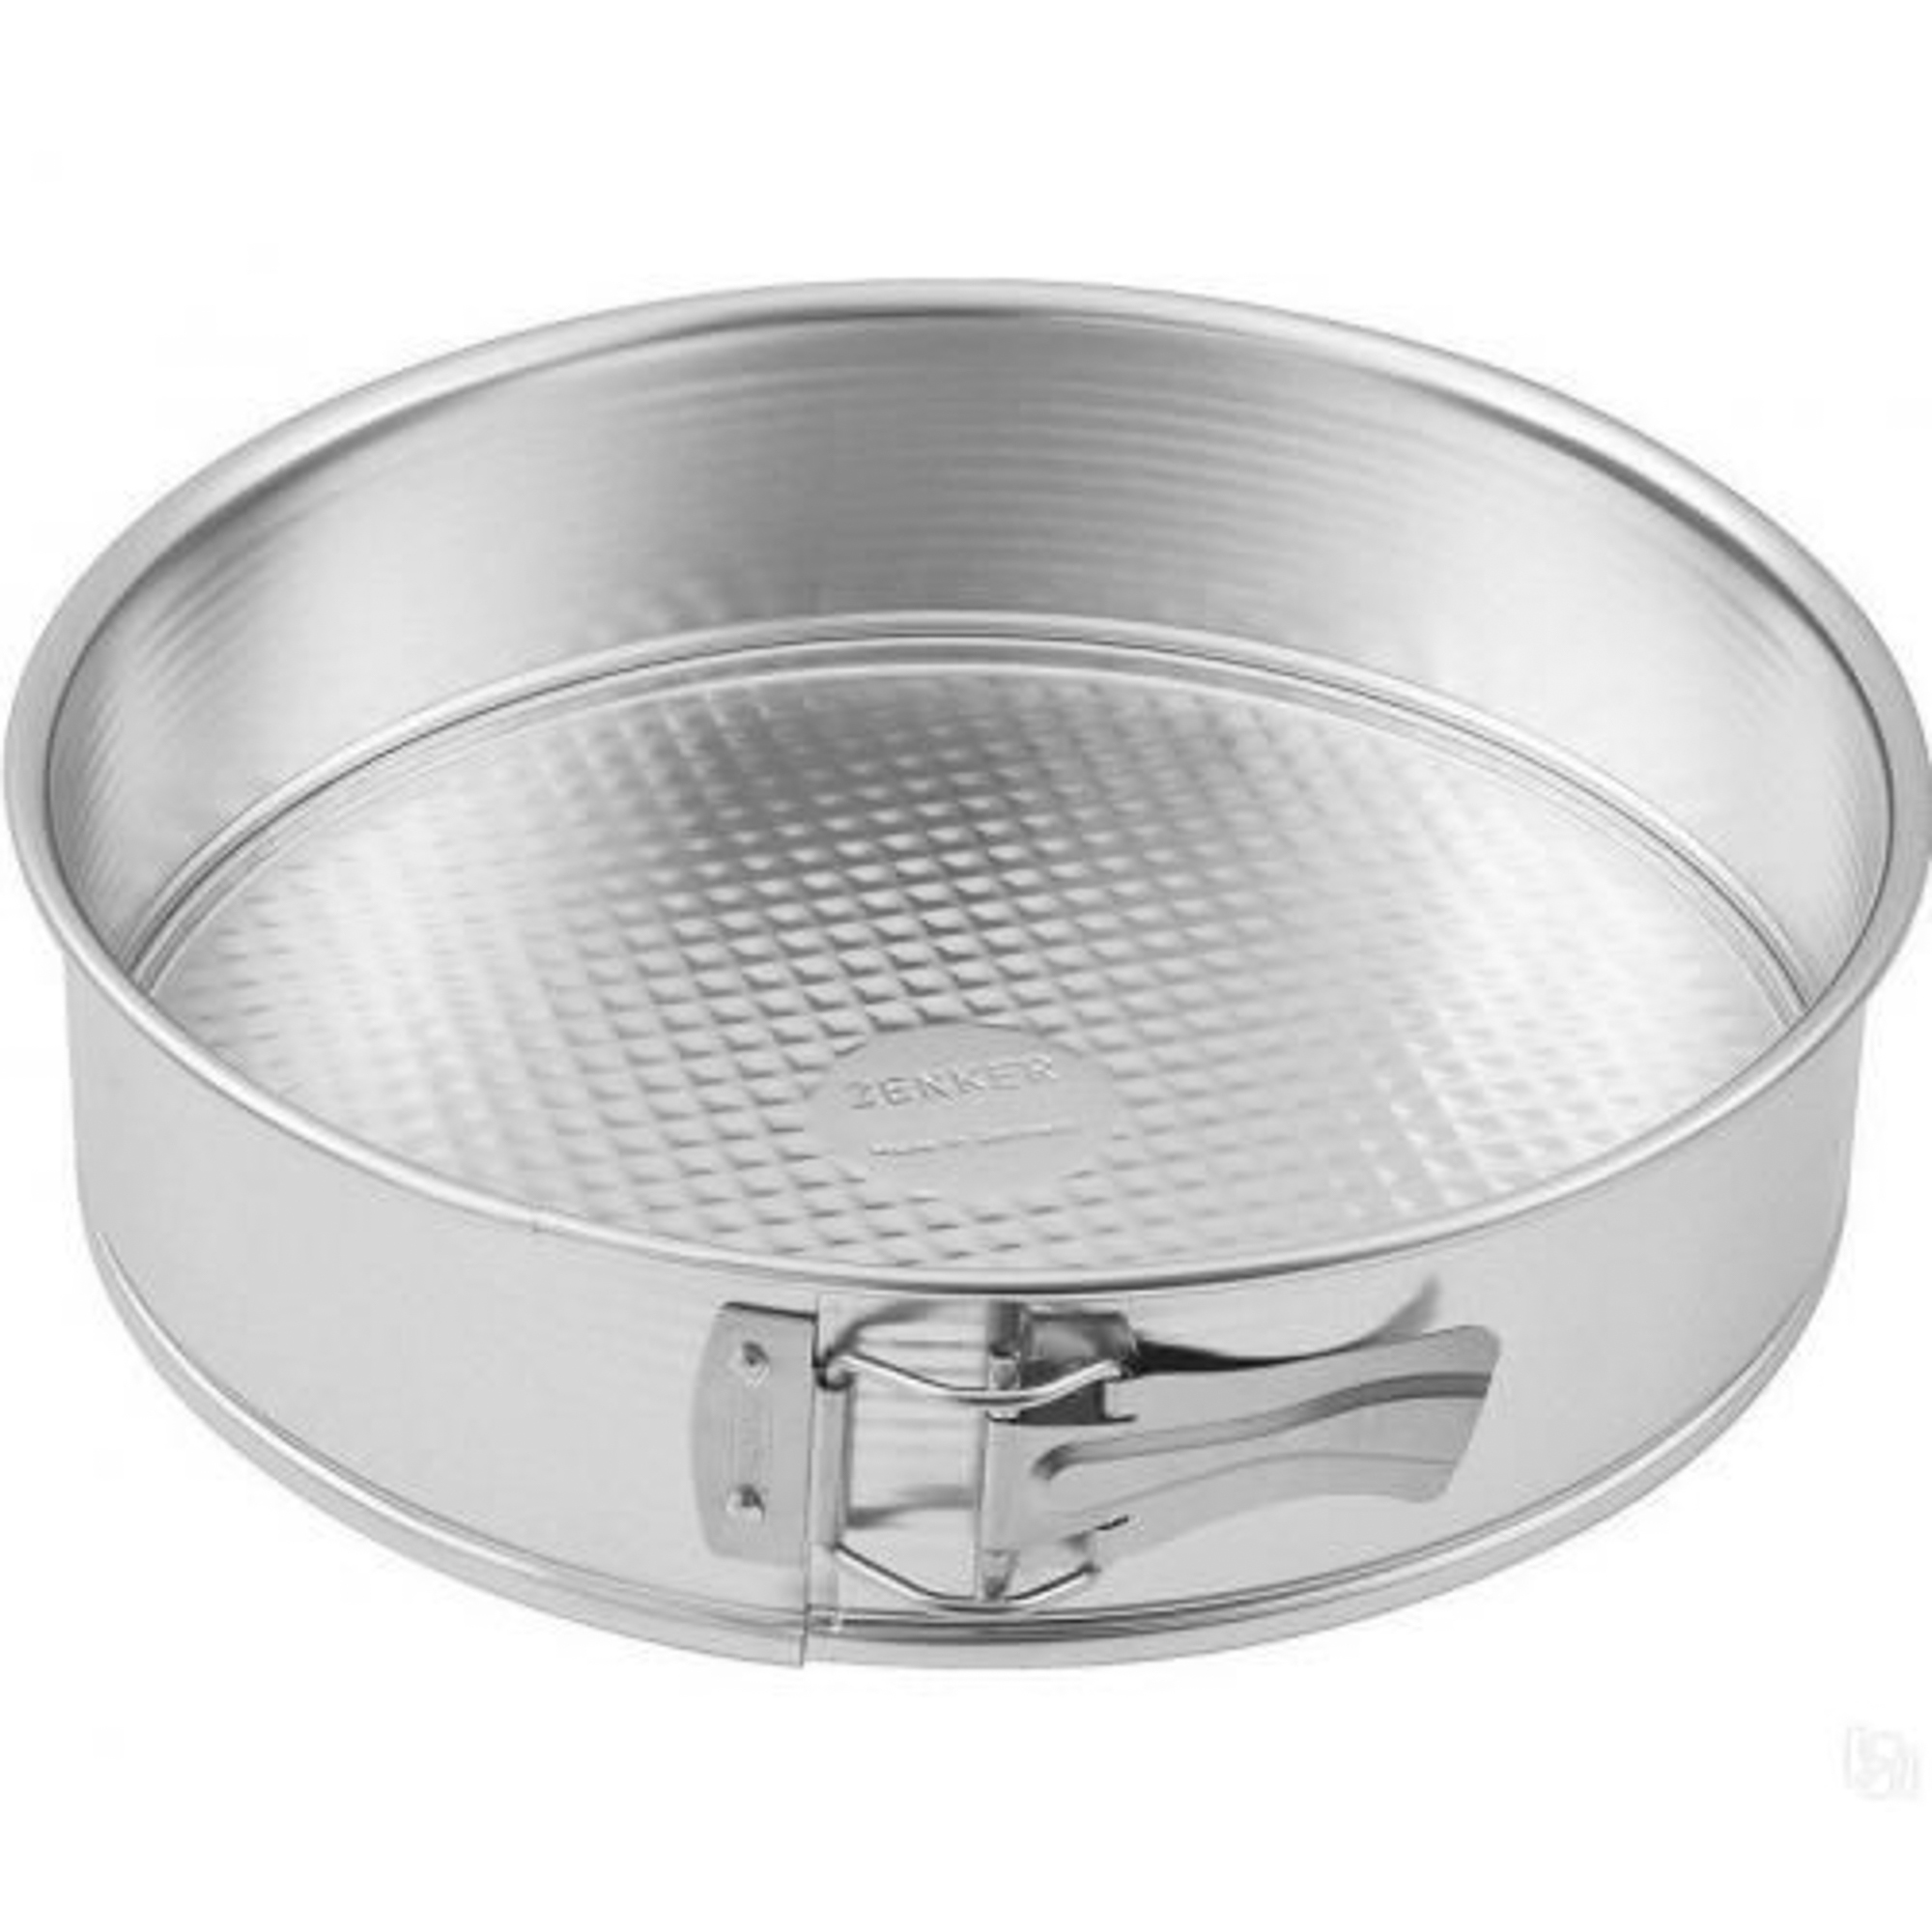 Форма для выпечки FackelmannZenker Silver 26 см